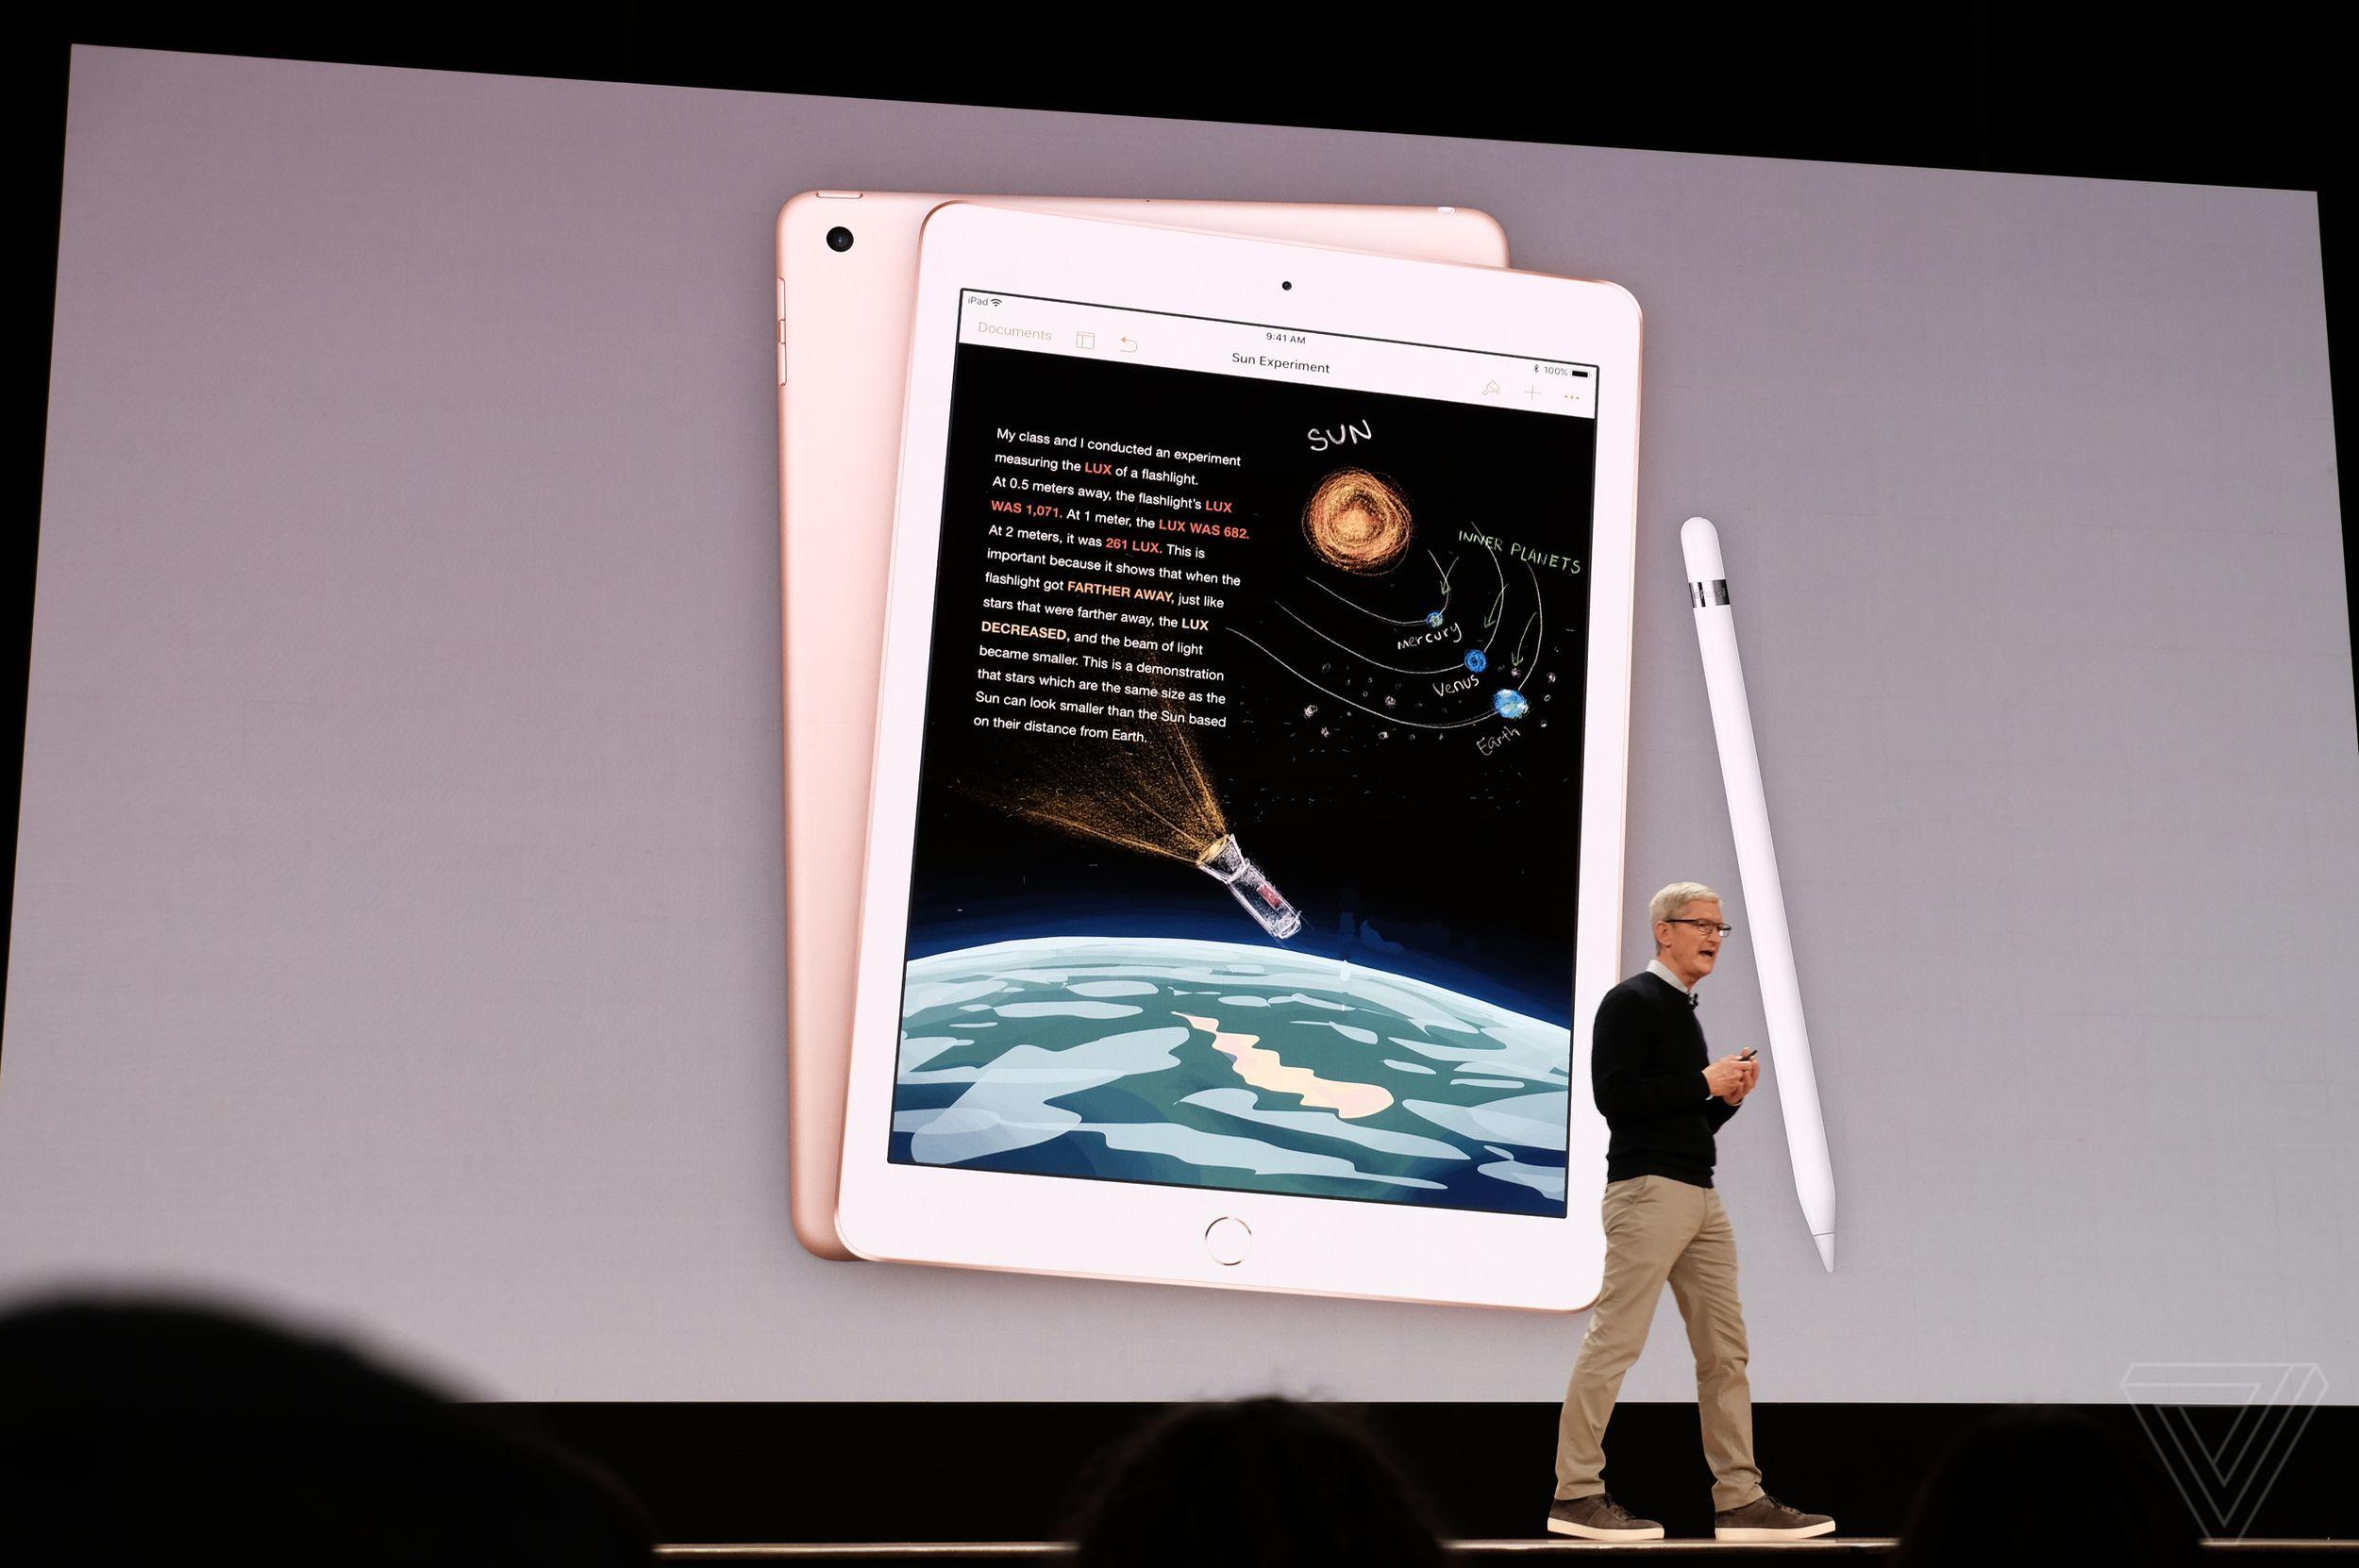 Evento Apple para educación, en directo y con el nuevo iPad 55